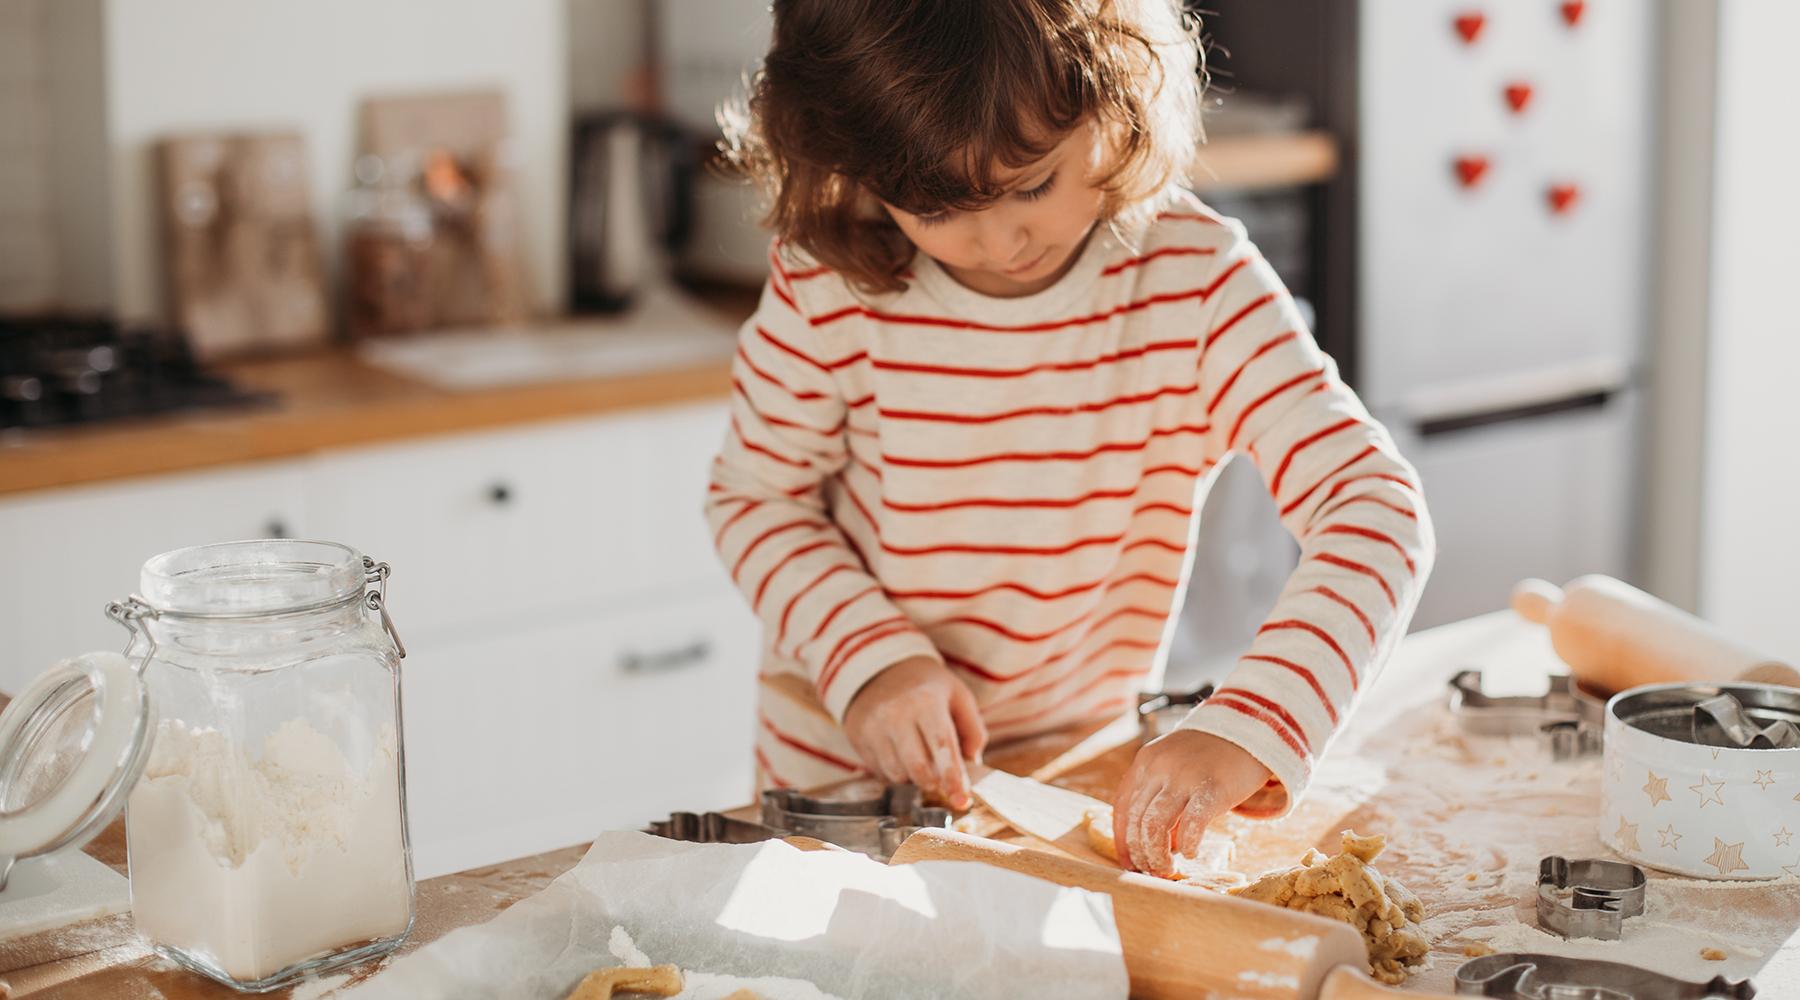 Juleverksted: Tips til julegaver og julepynt barn kan lage